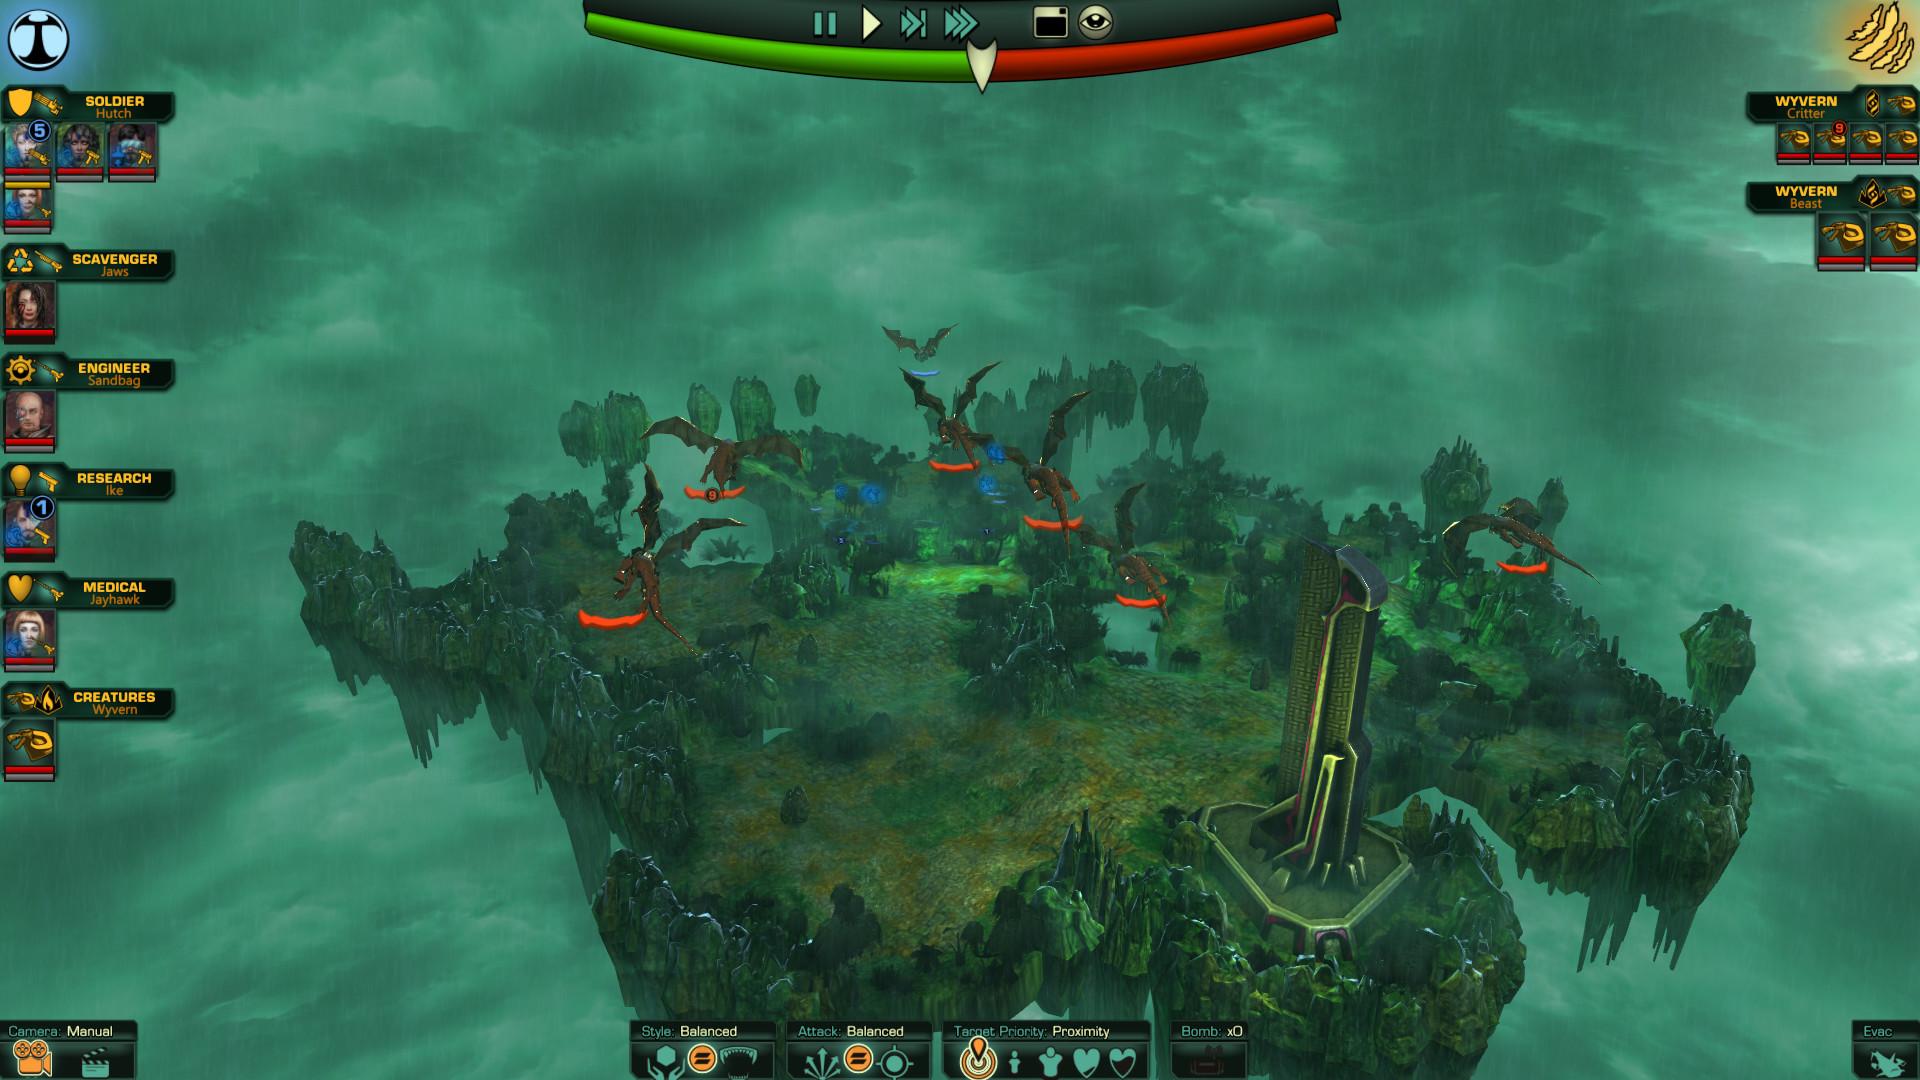 Tempest Citadel Screenshot 7